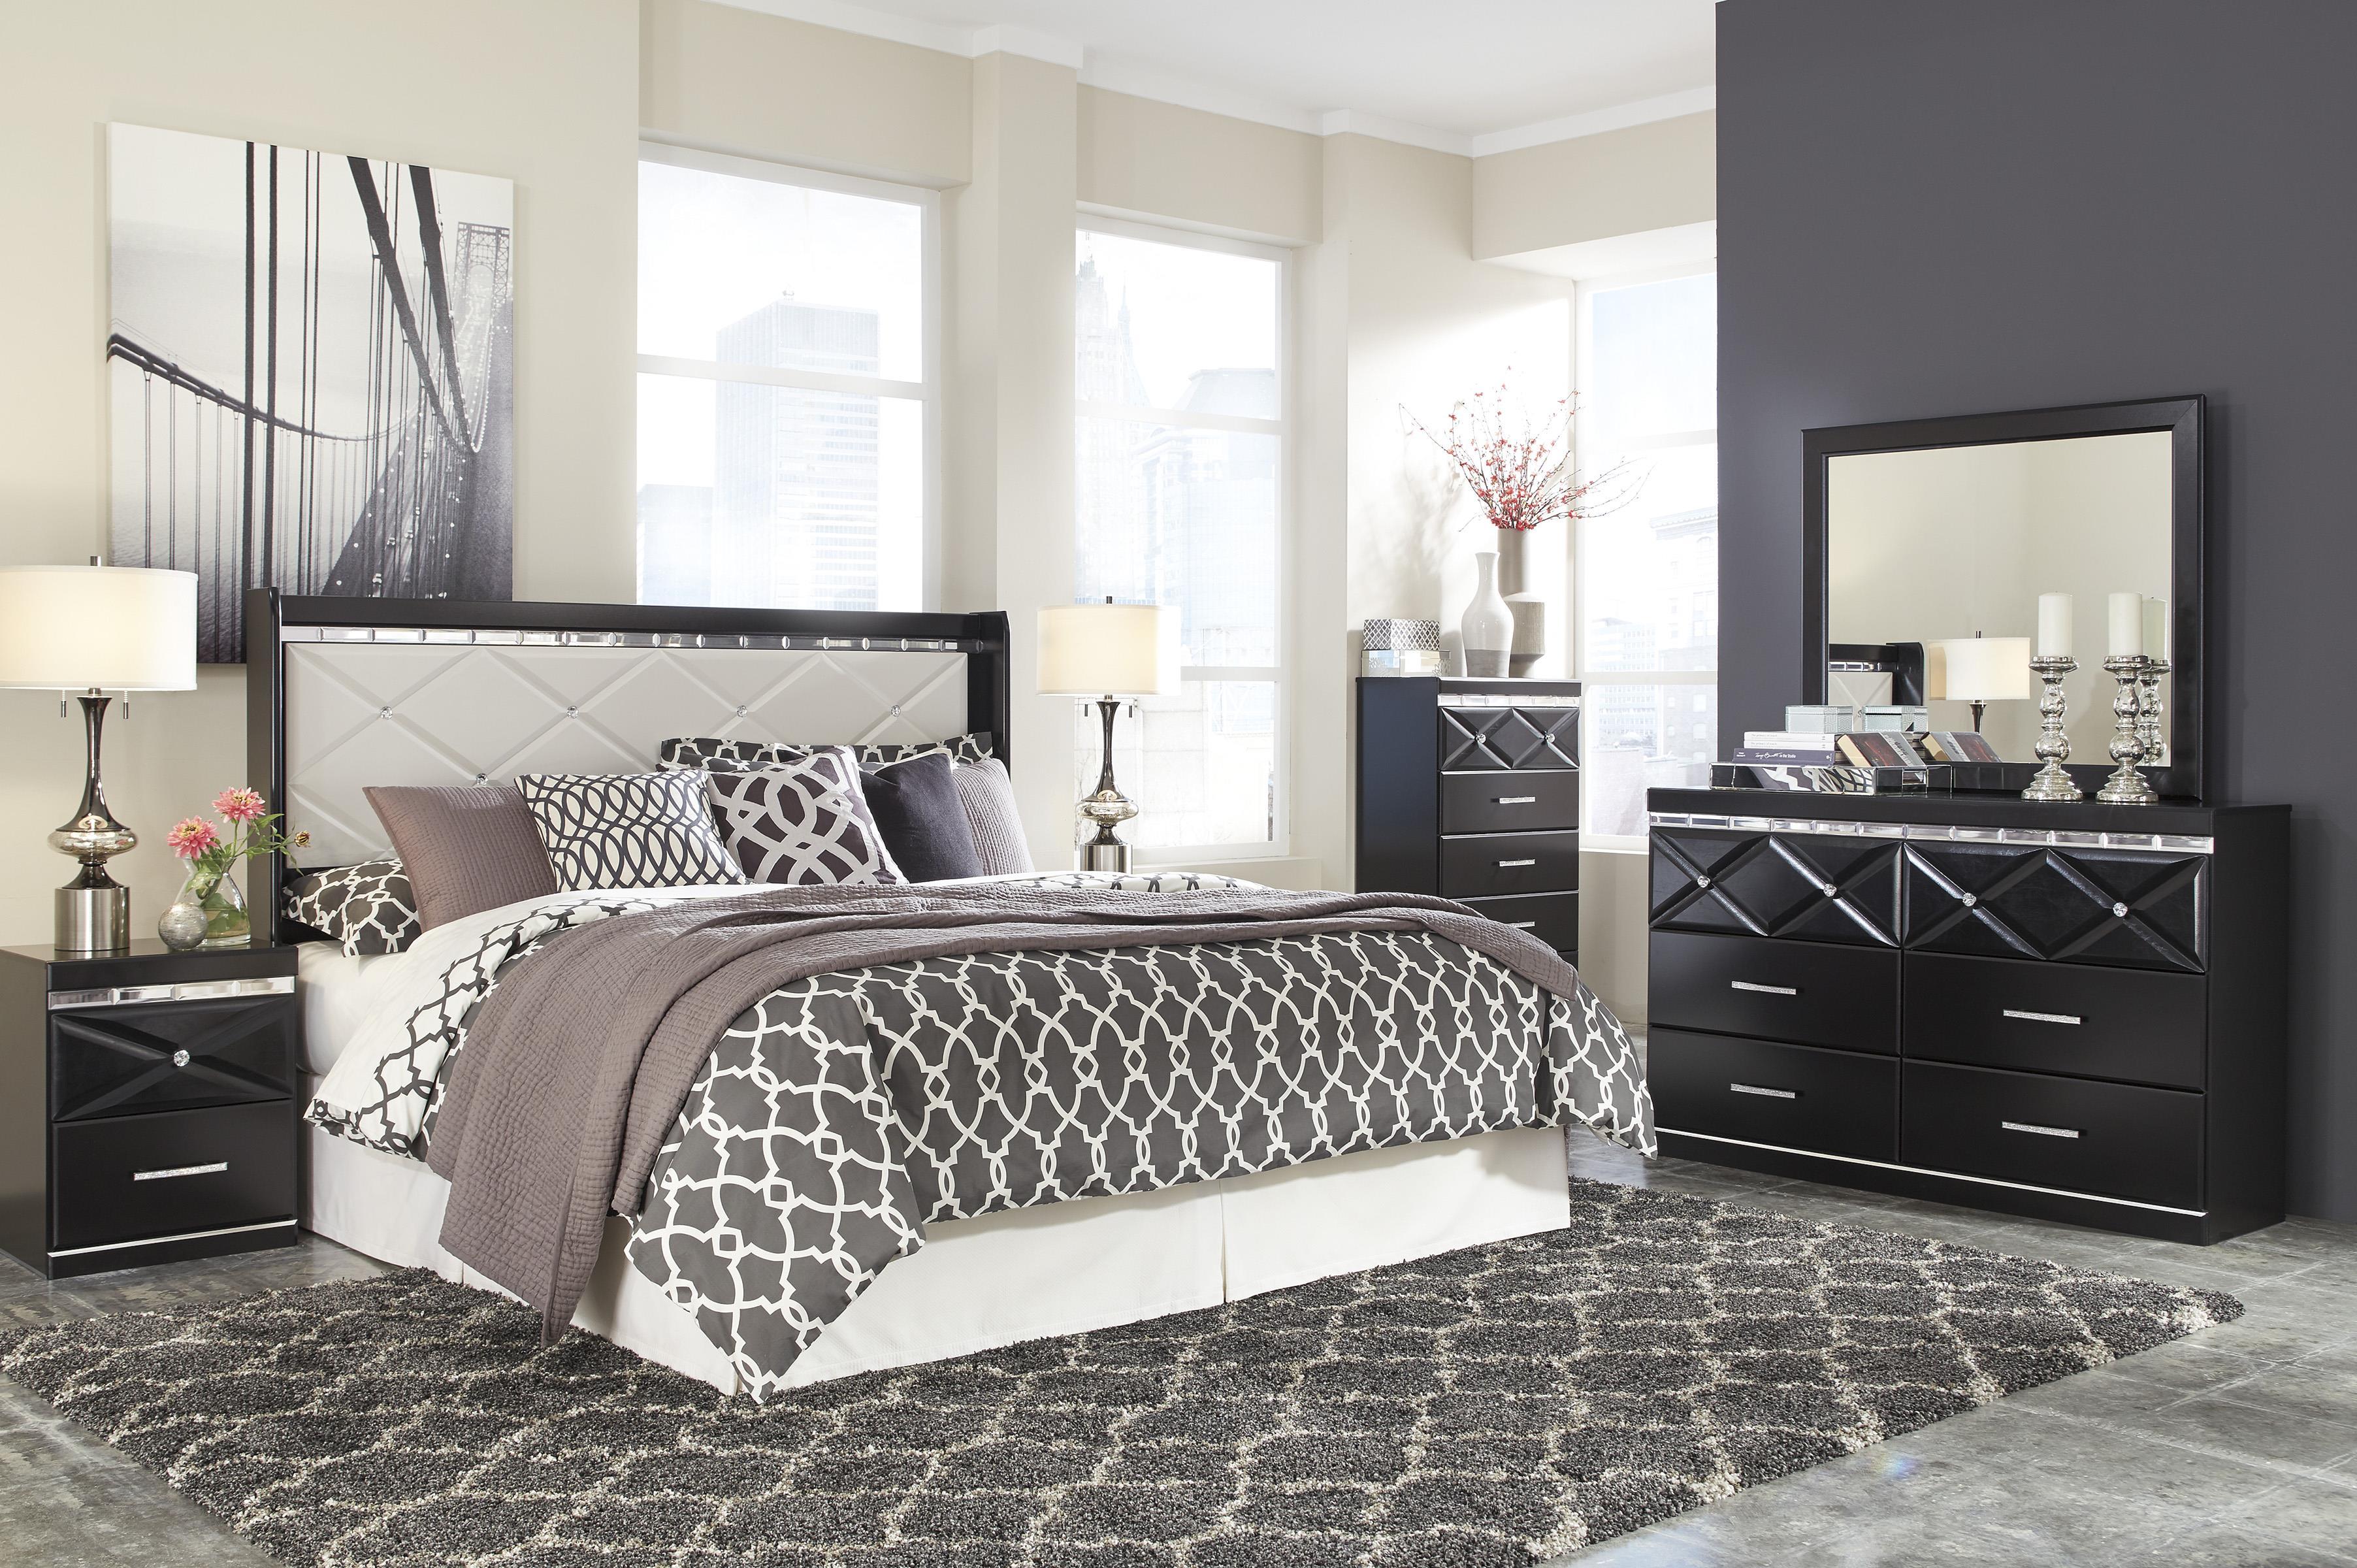 bed and diva sets good nightstands bedroom p set mirror aef on nightstand dresser